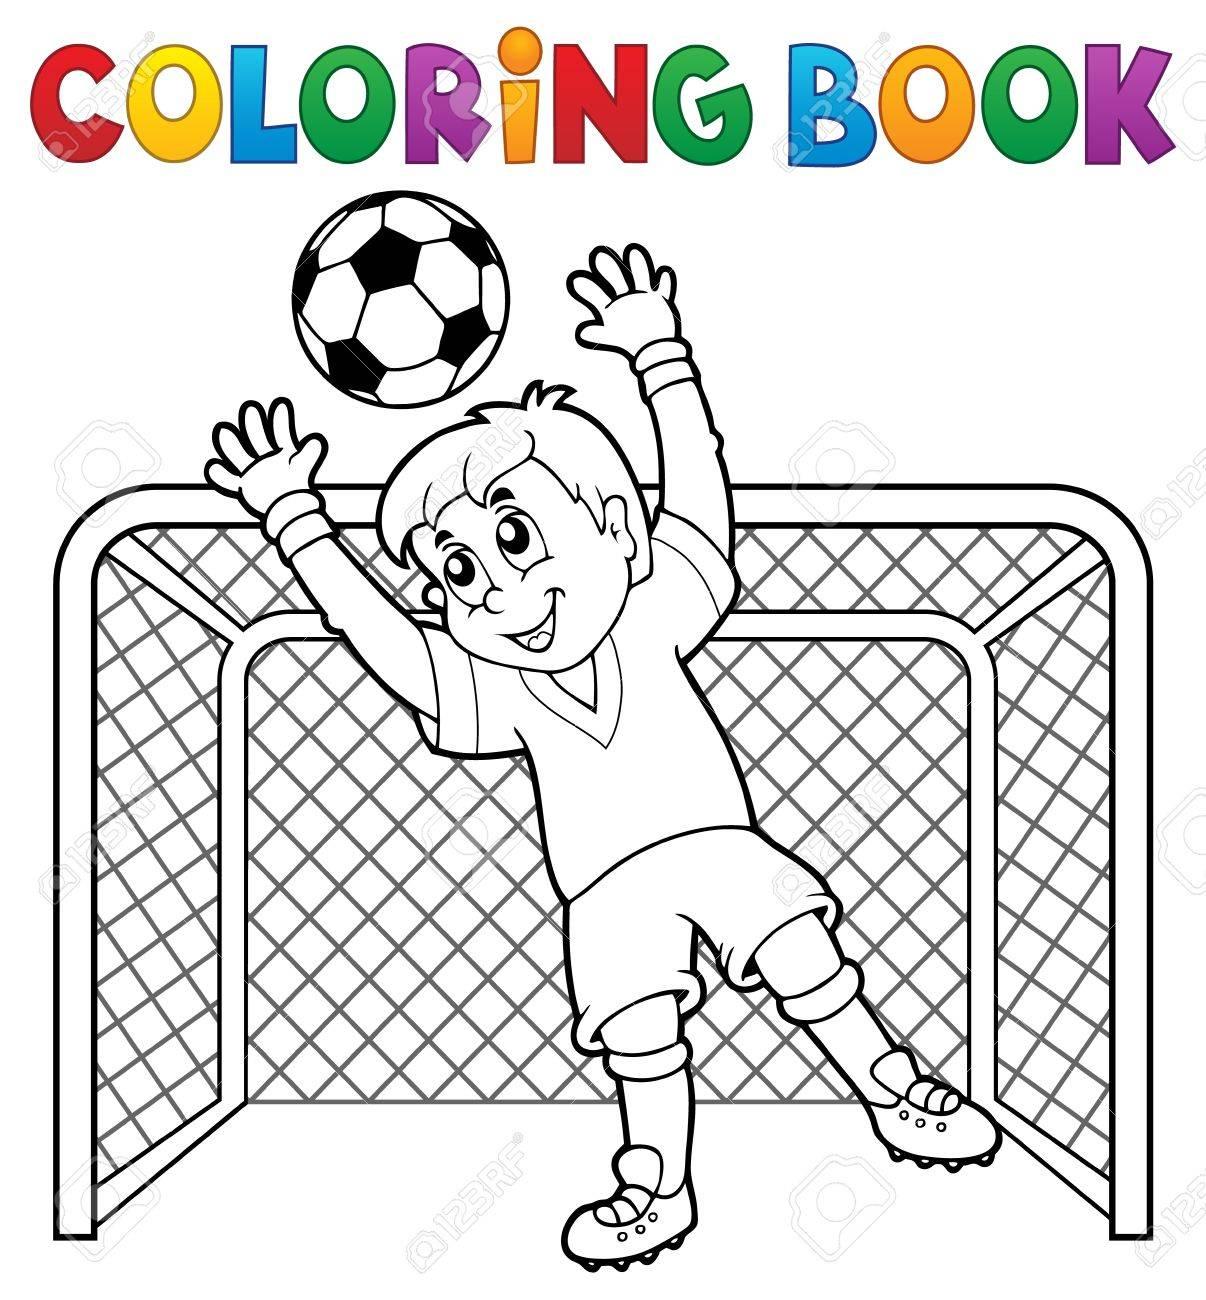 Tema 2 Del Fútbol Del Libro De Colorear Ejemplo Del Vector Eps10